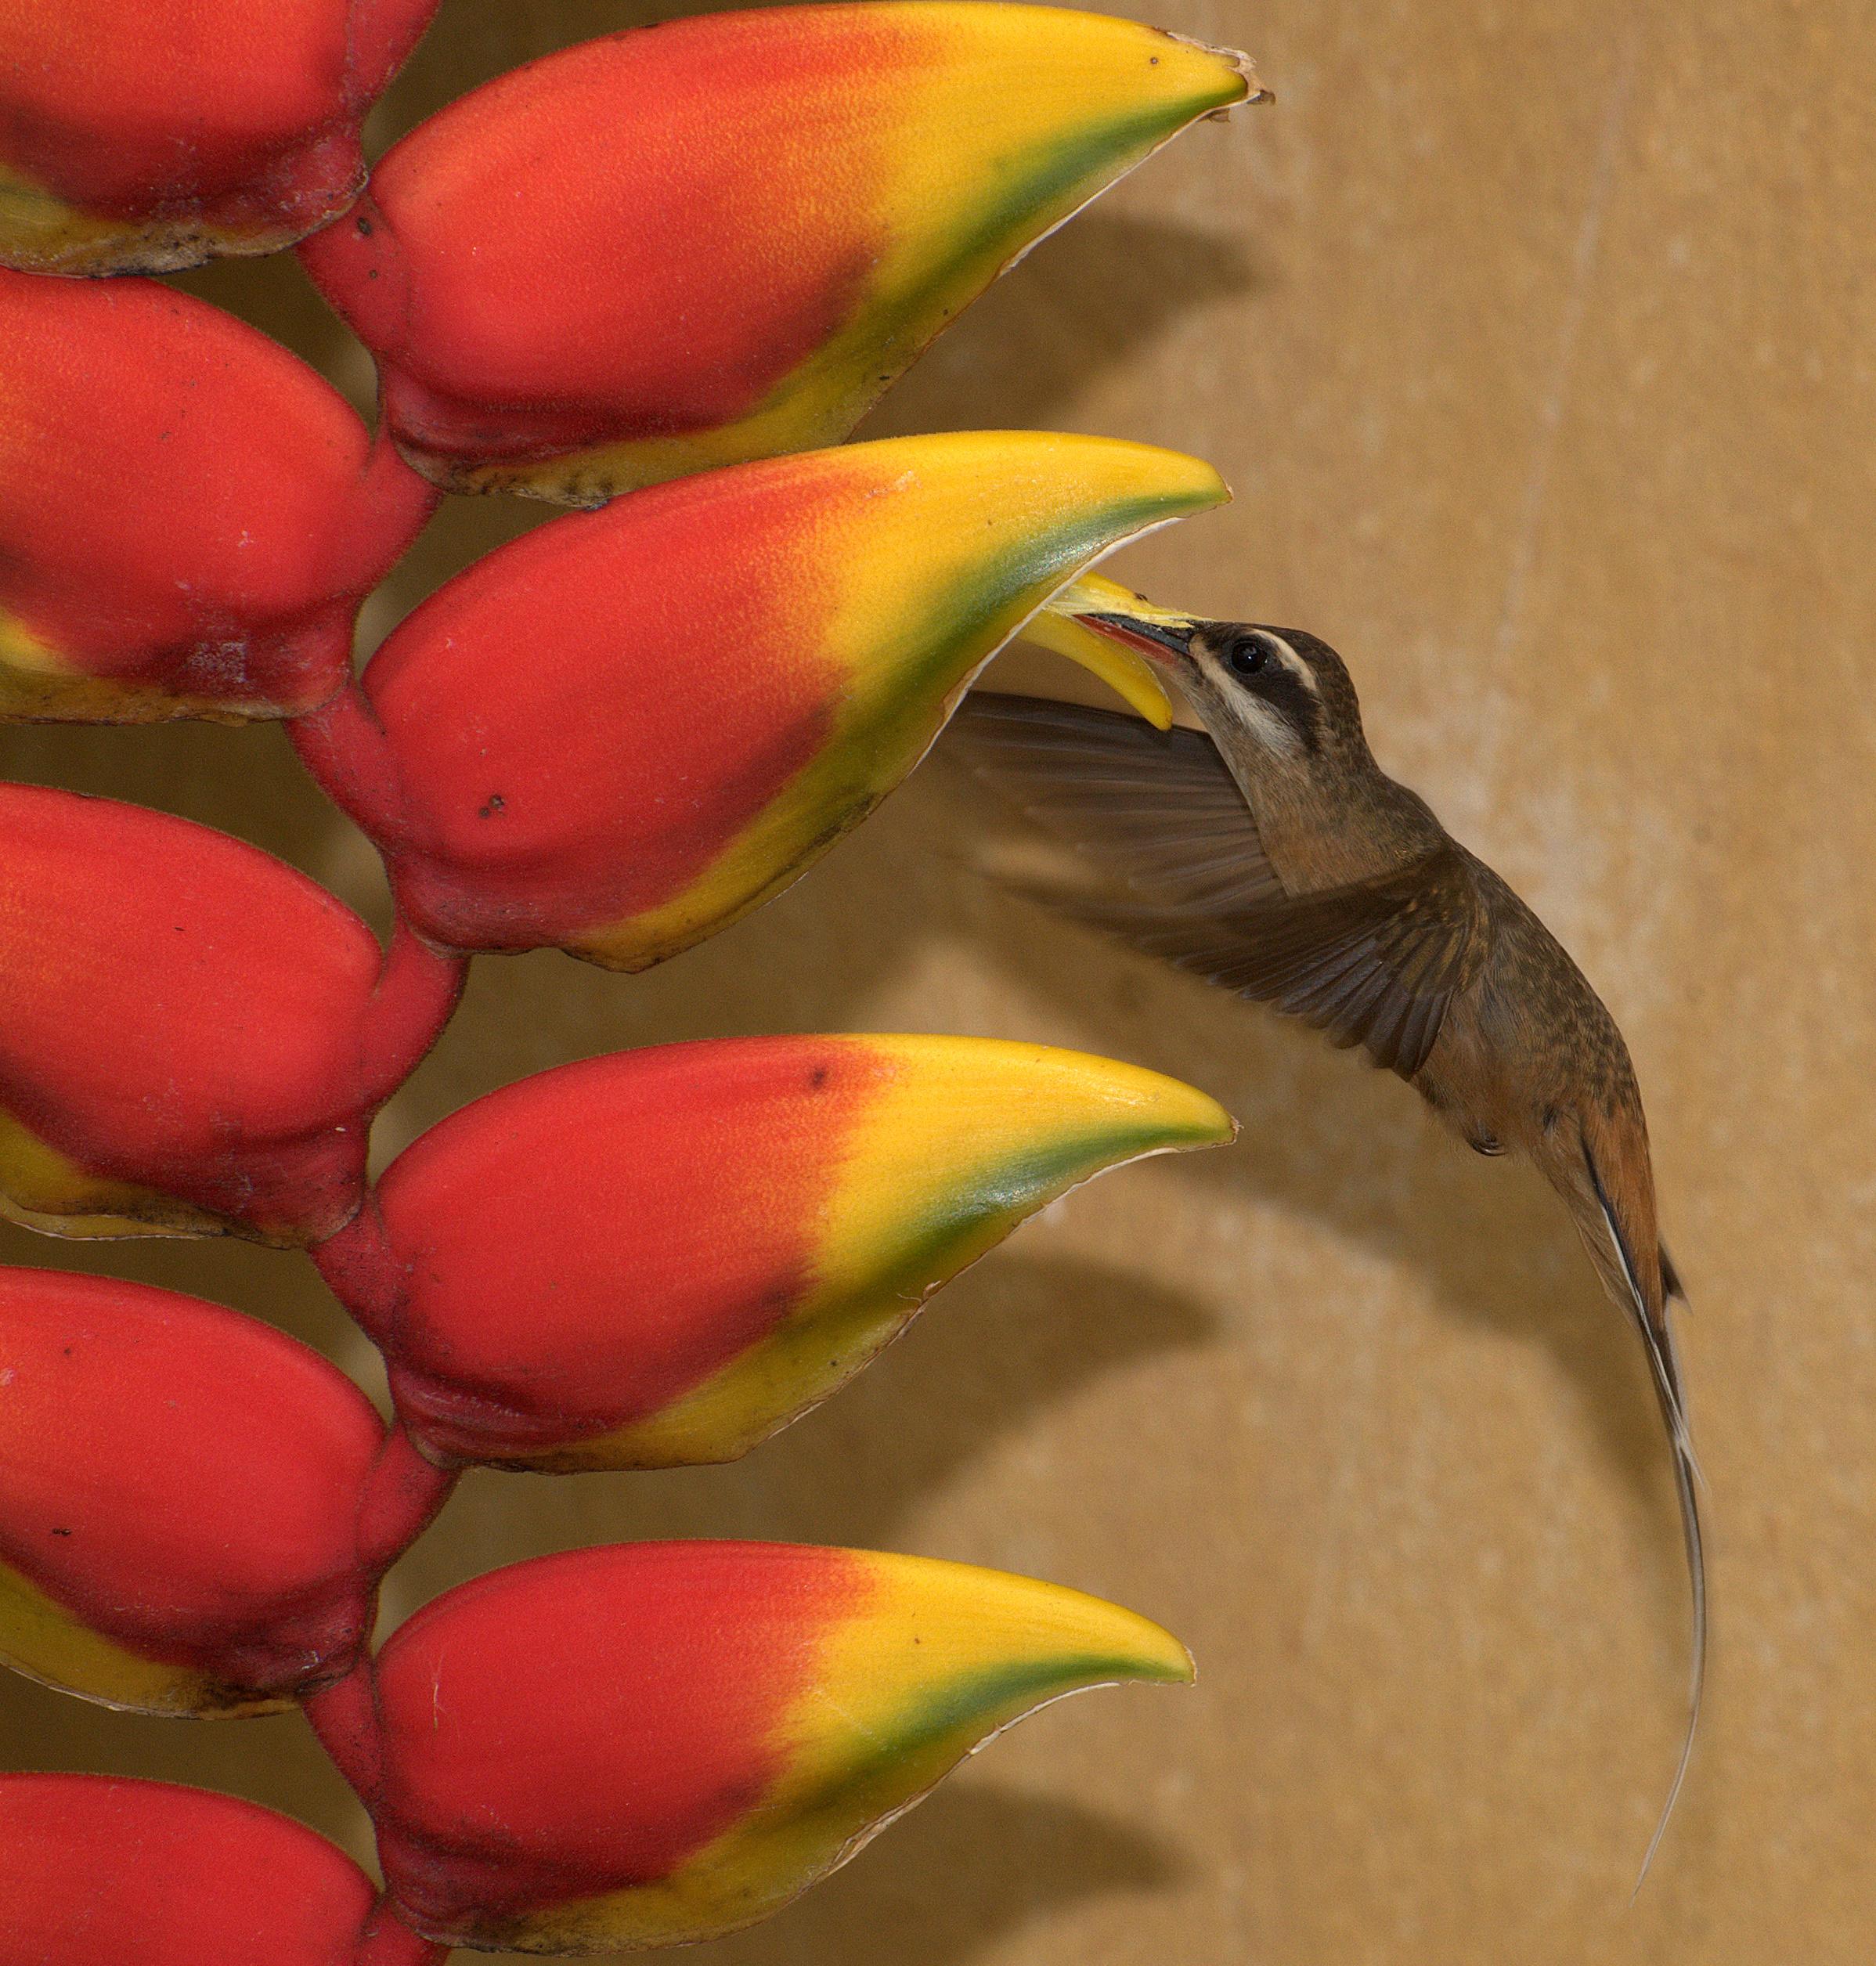 Солнечный колибри Претра фото